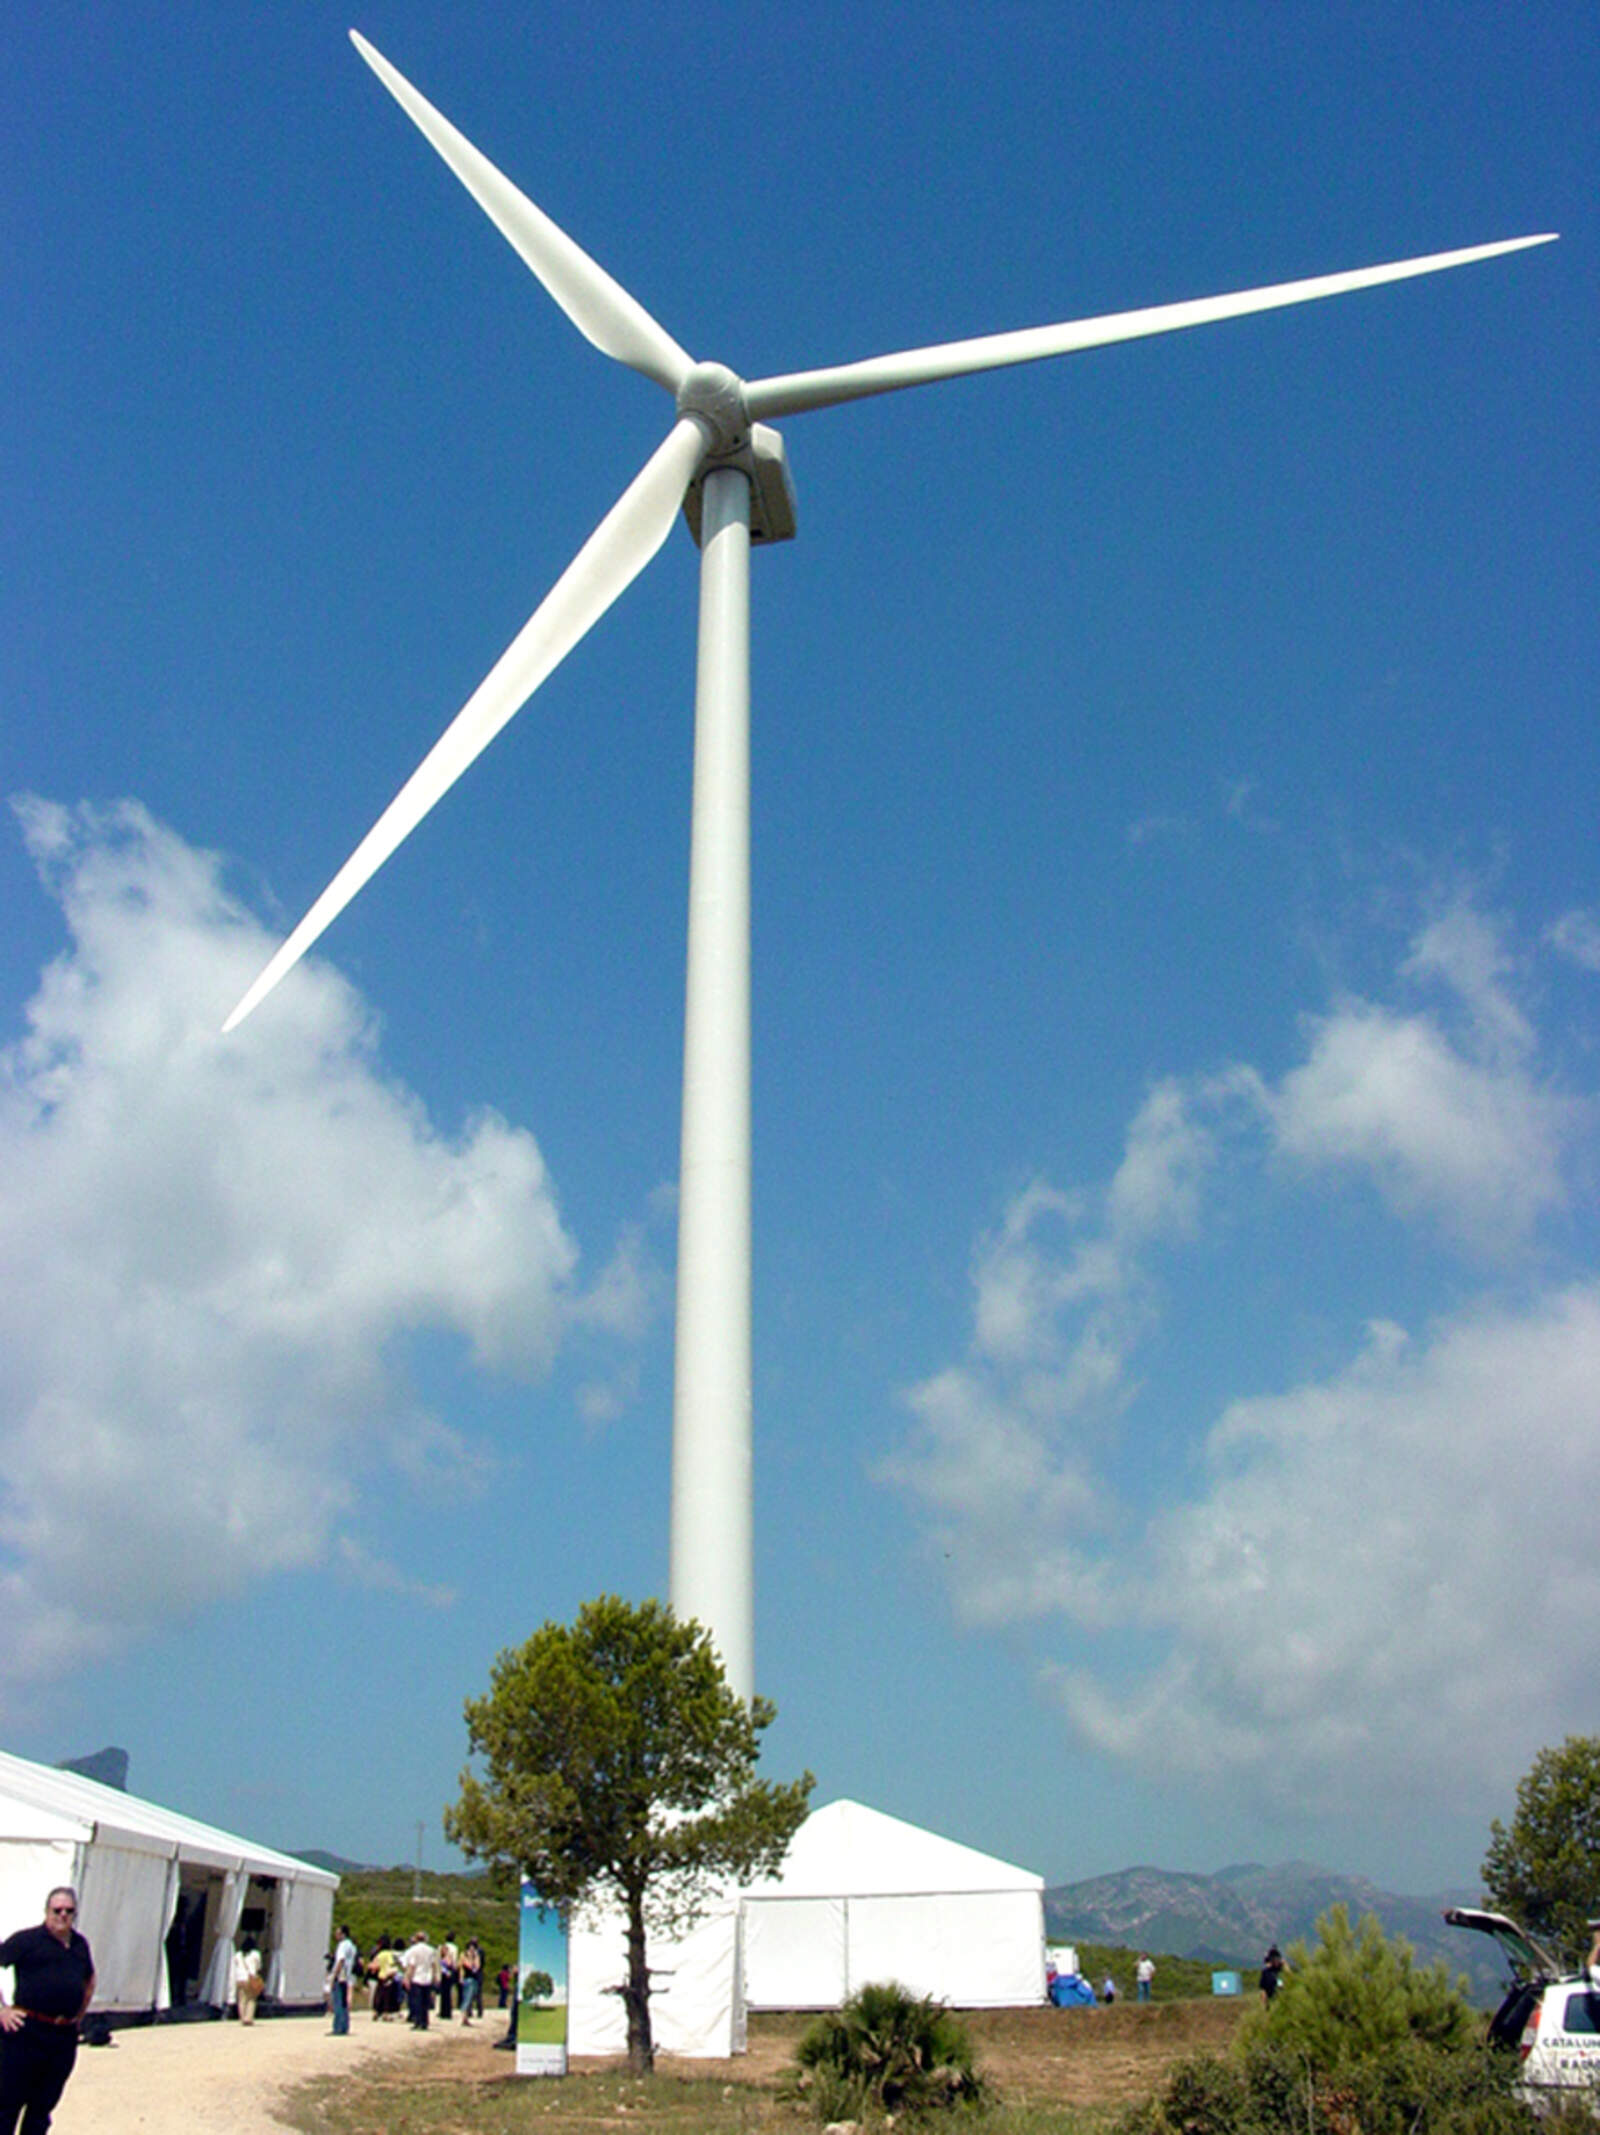 L'aerogenerador de 3 MW i 140 metres d'altura posat en marxa l'any 2008 al Perelló